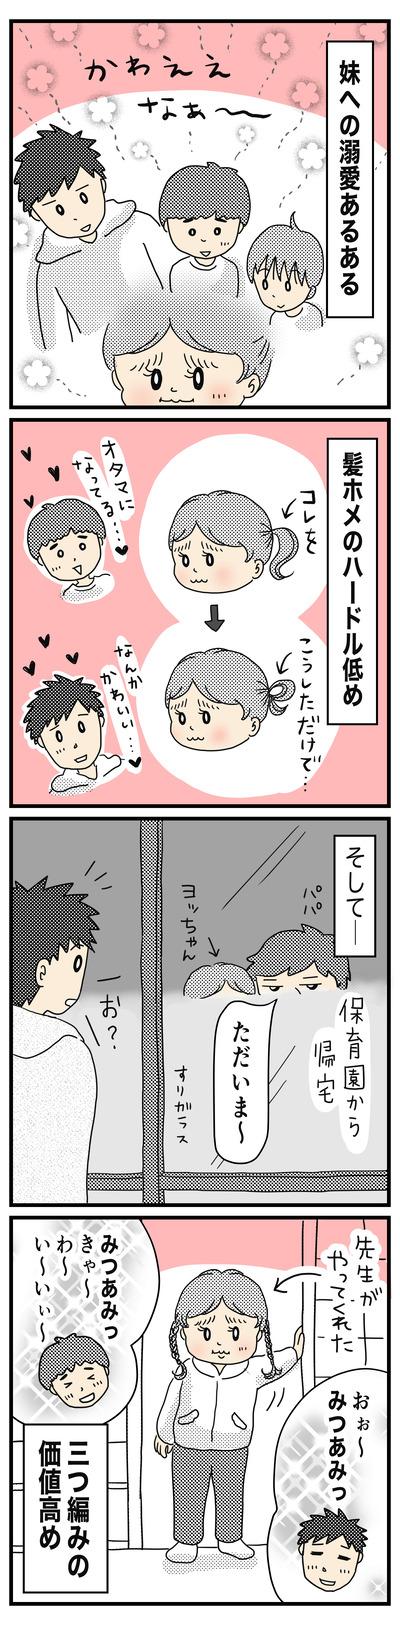 240三つ編みかわいいっ(1才半〜2才)